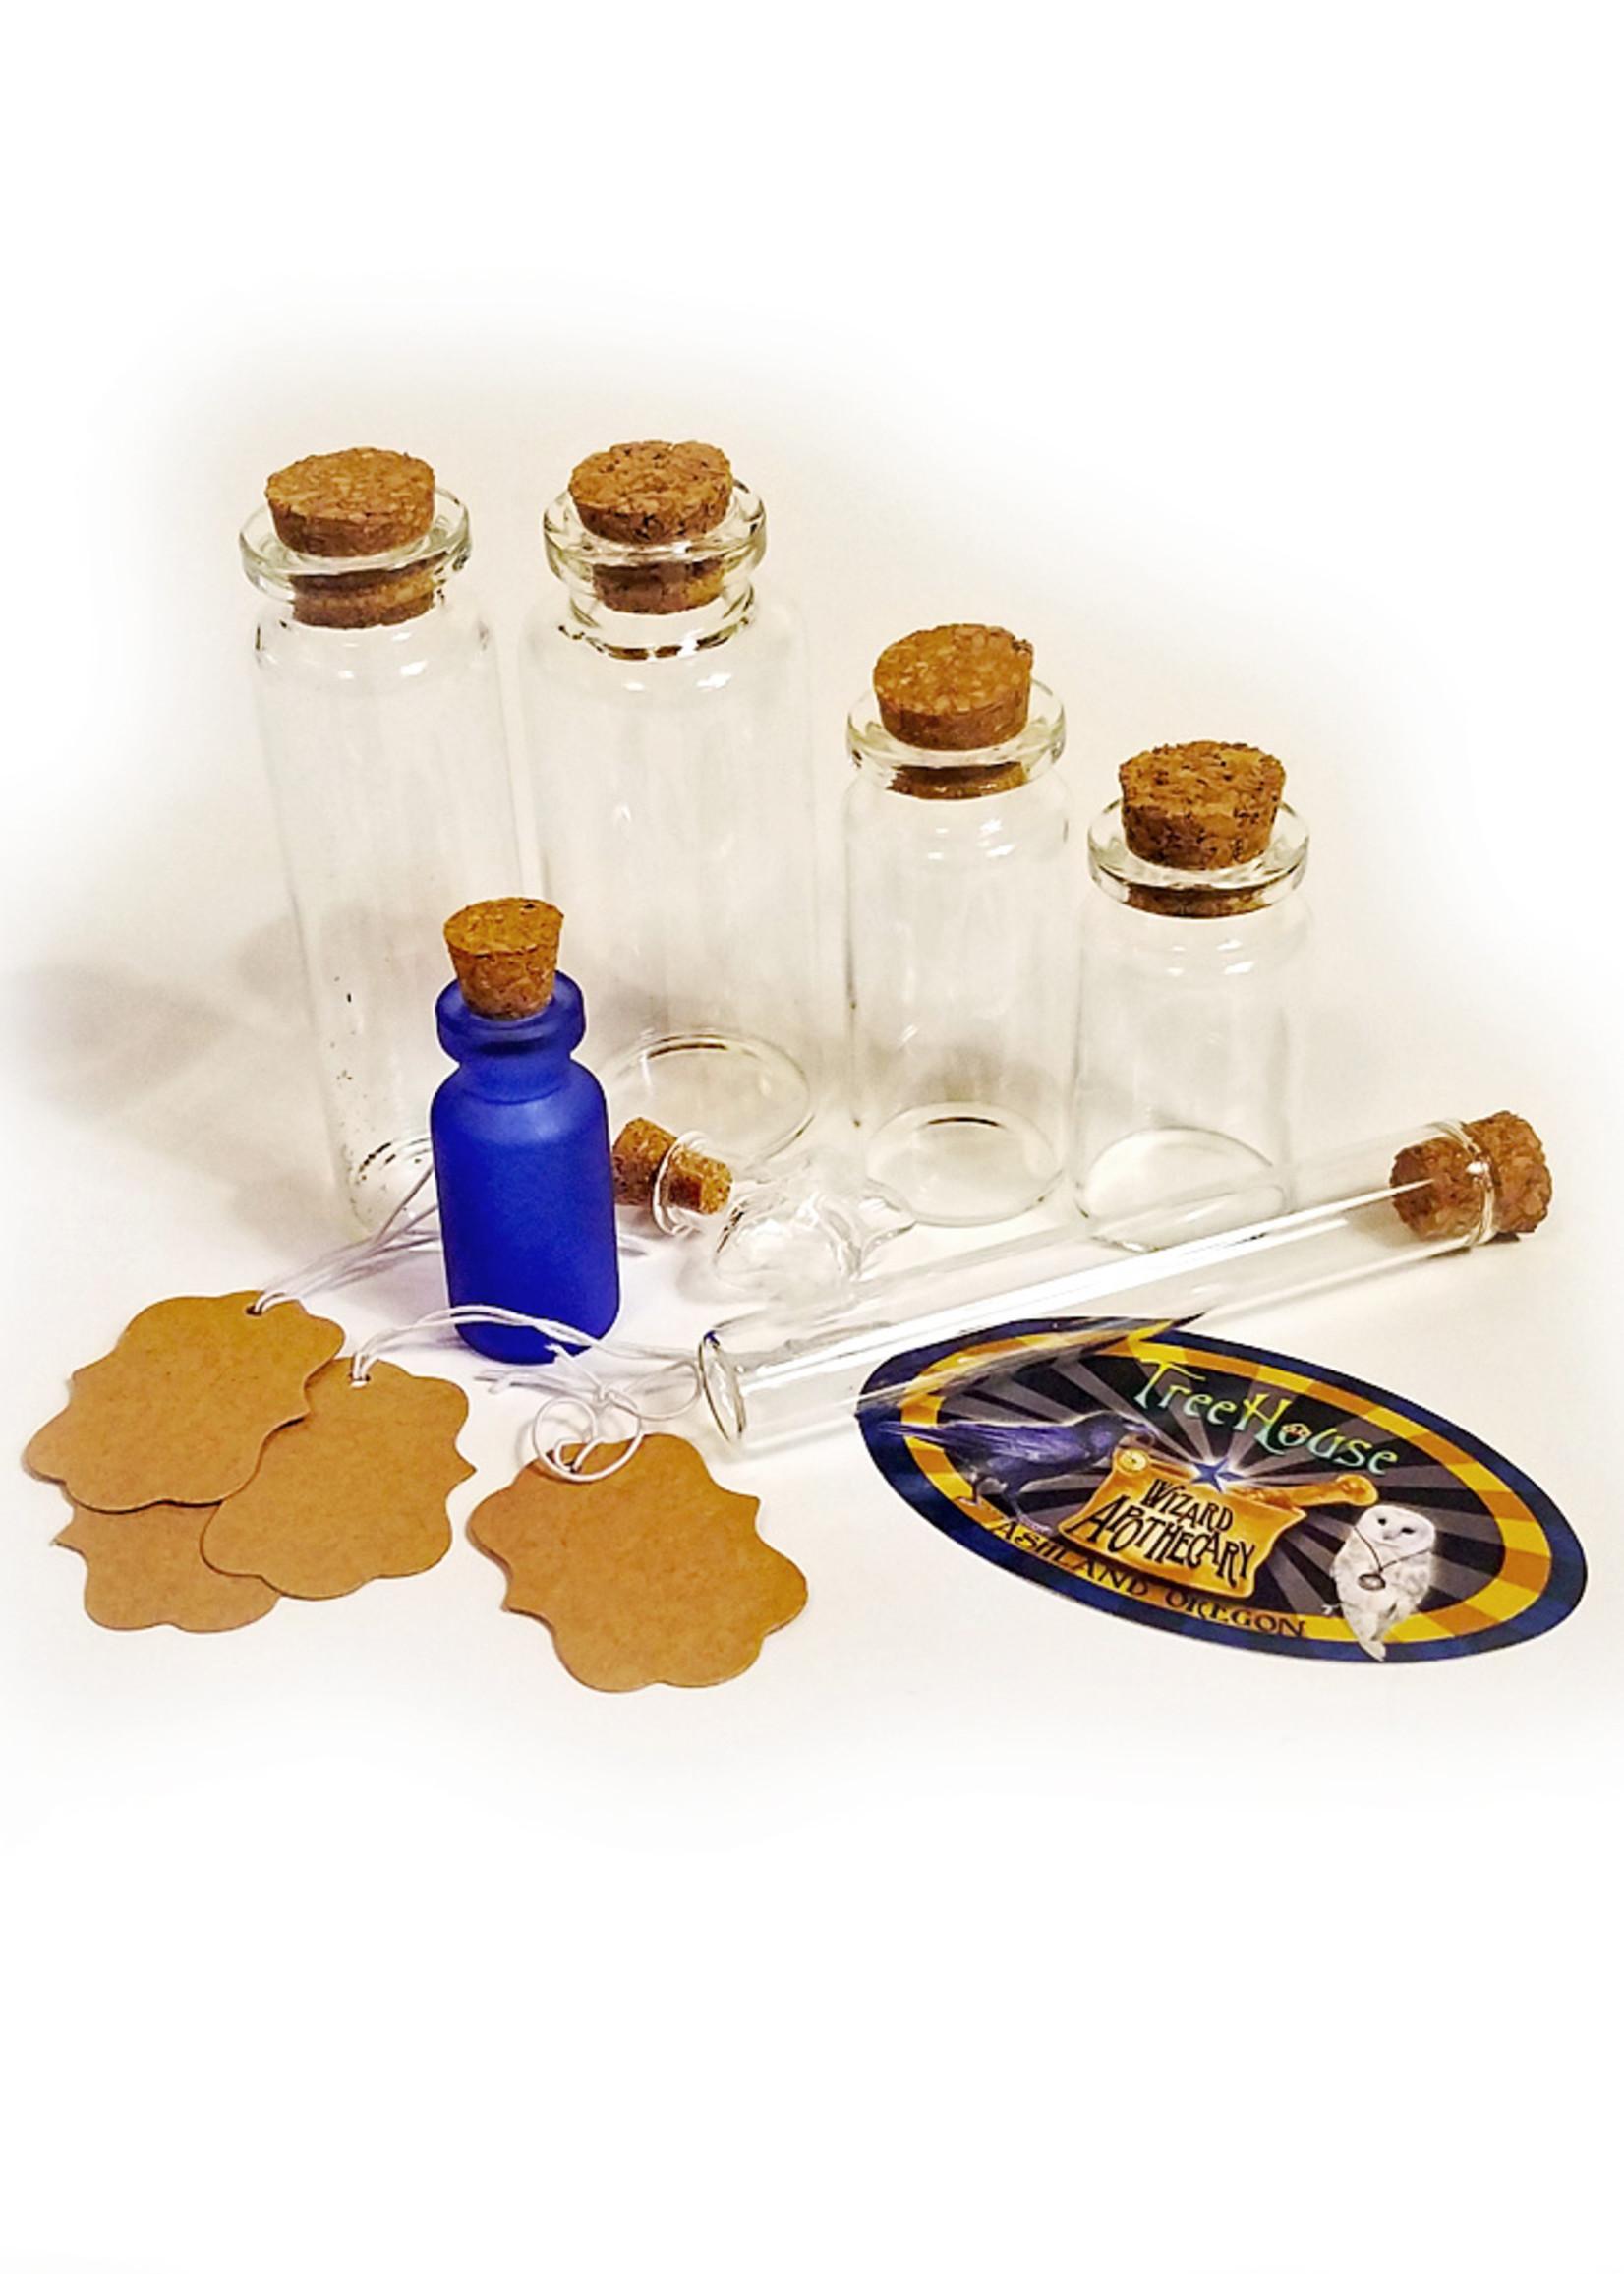 Modern Wizard Apothecary Mini Bottle Kit